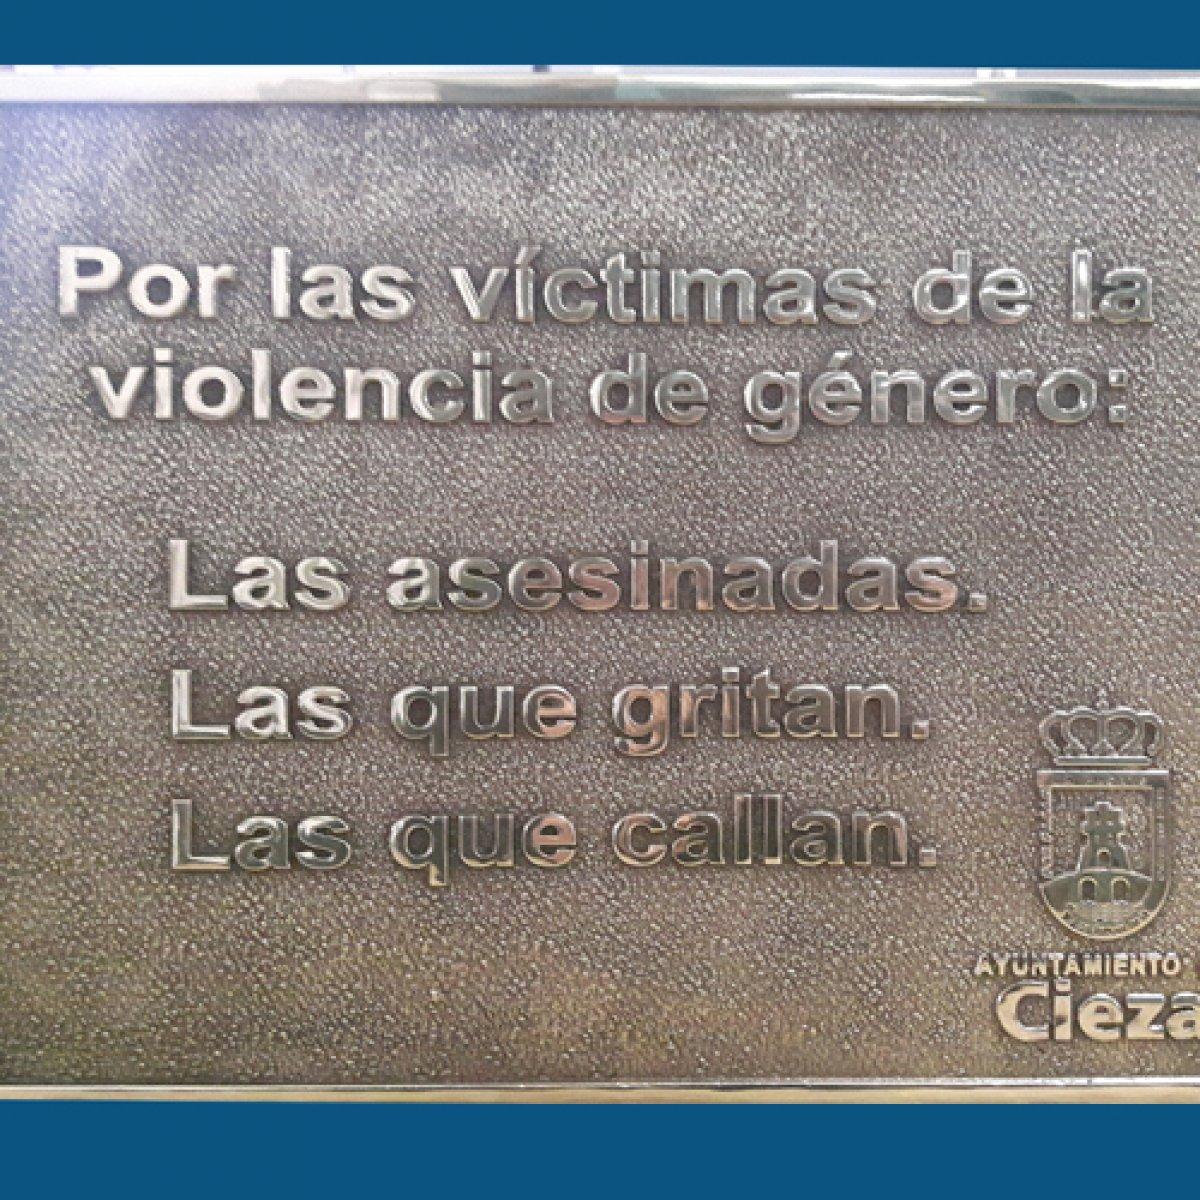 Placa Victima de Genero